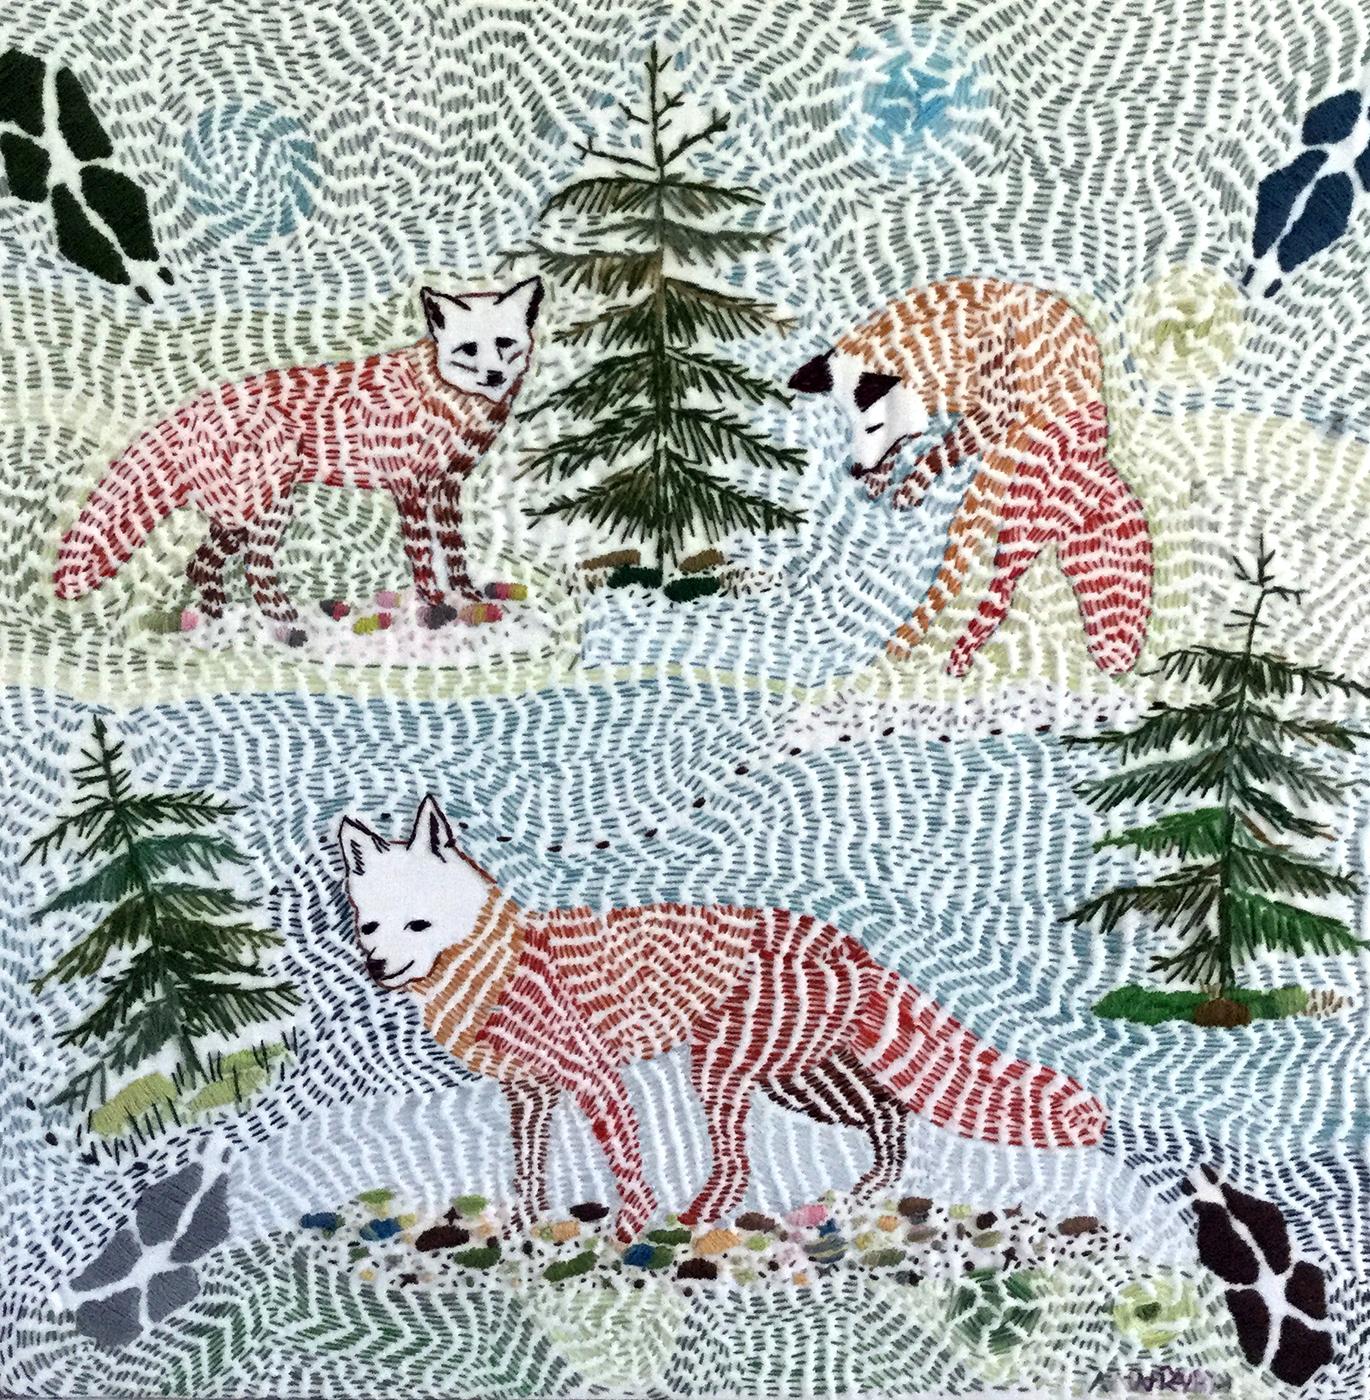 Fritt broderi av Ann Rydh som föreställer rävar granar och spår av räv